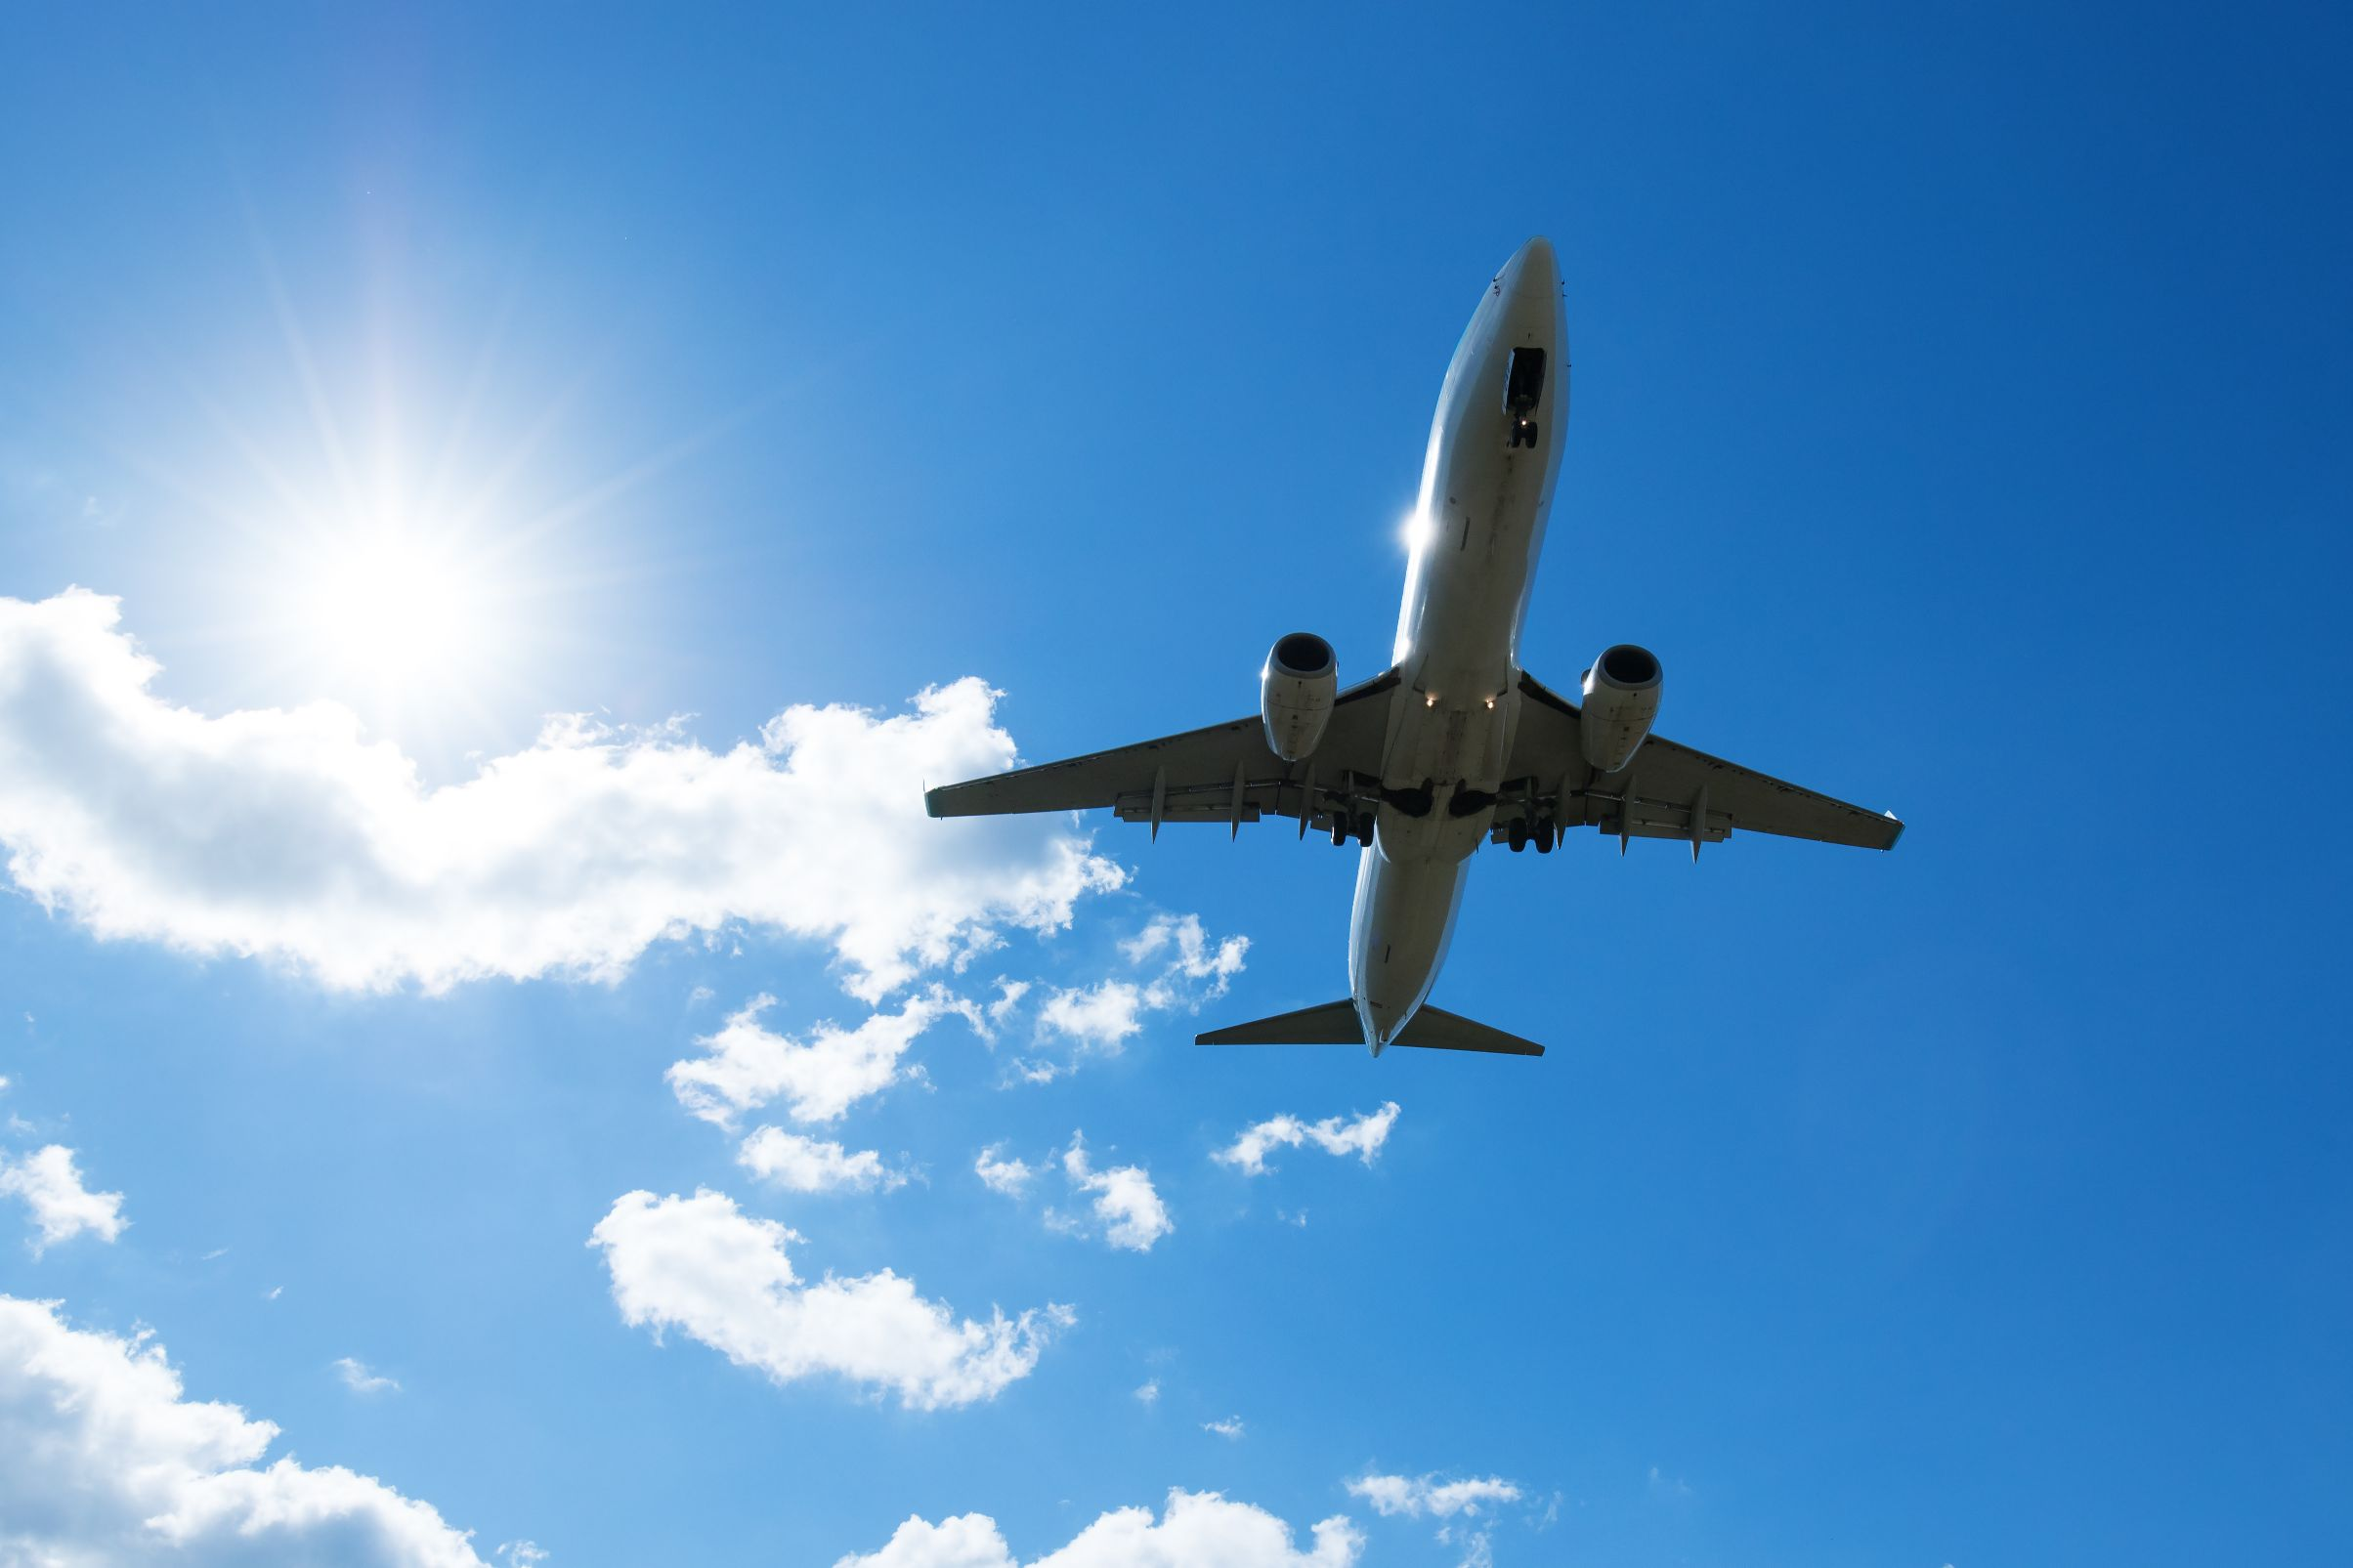 スターフライヤー、年末年始割引運賃「そら旅」予約で会員に往復航空券、ホテル1泊セット商品贈呈